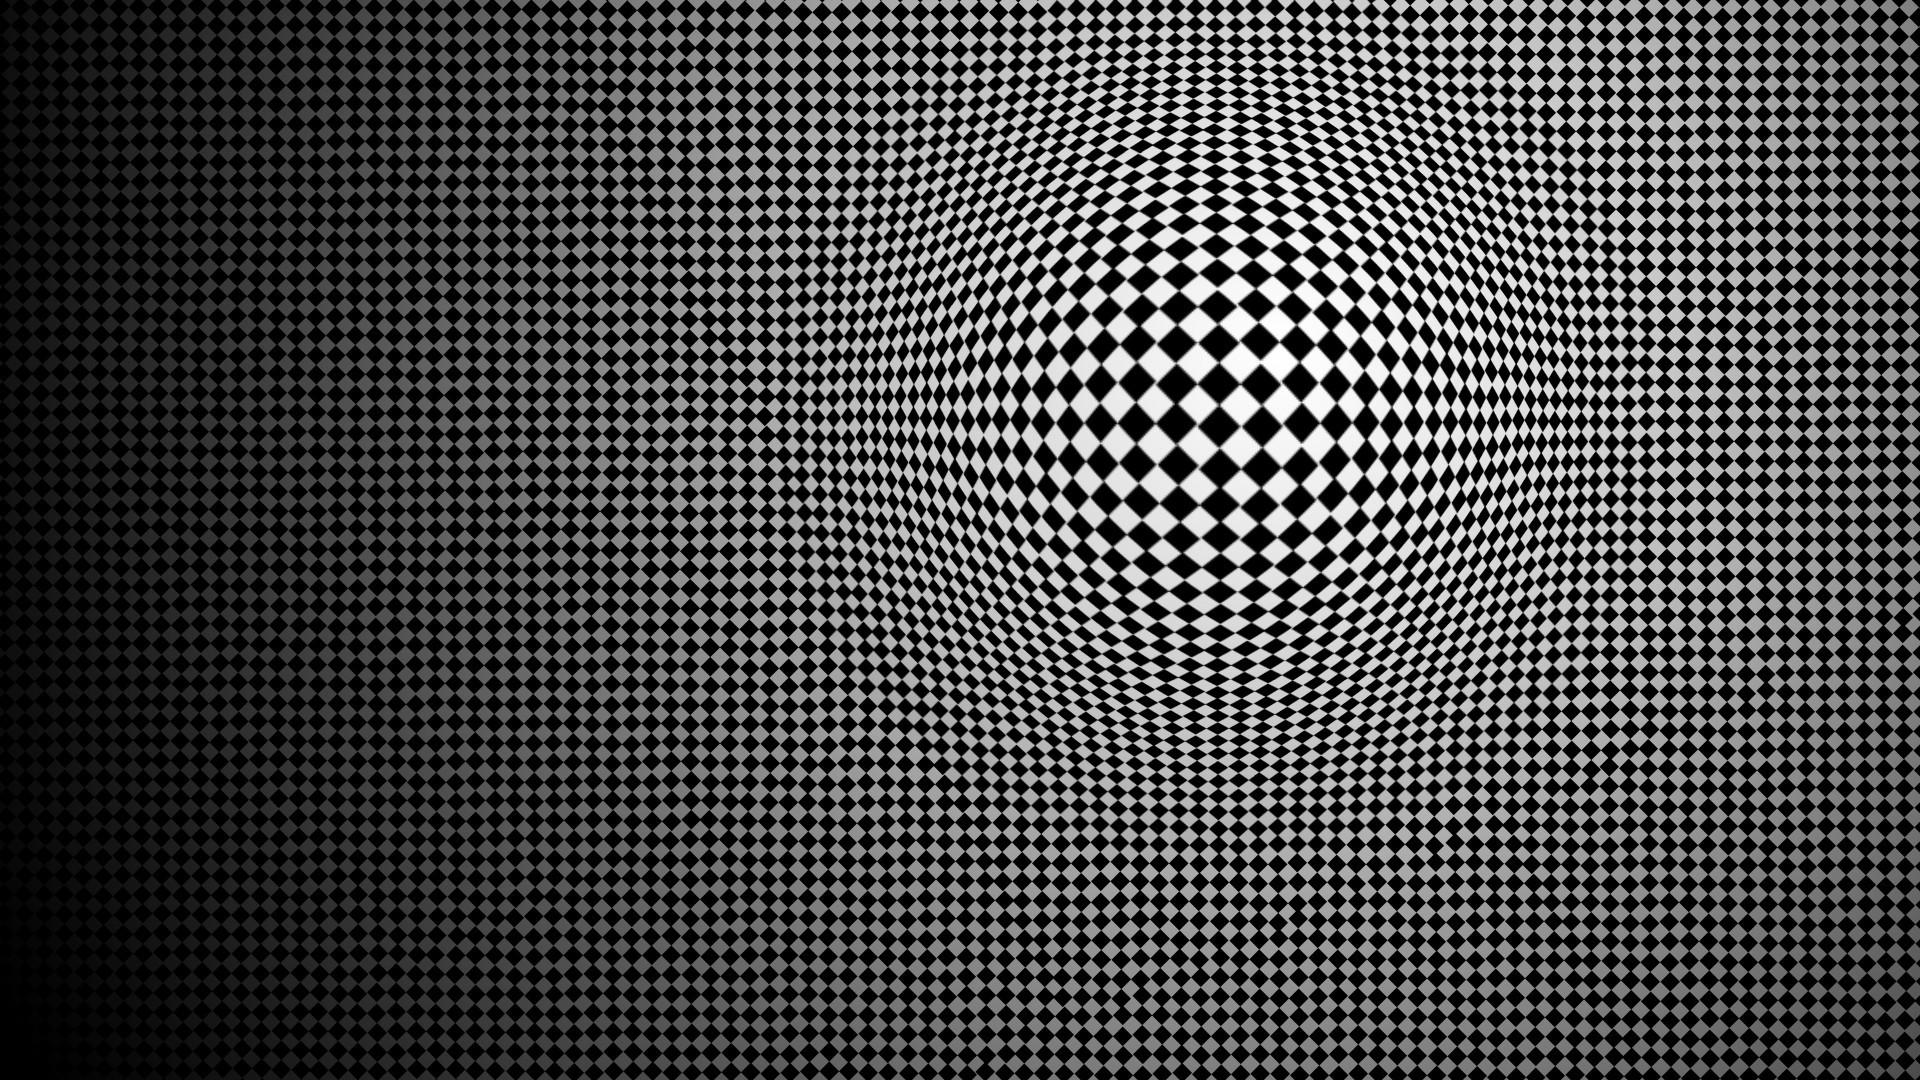 Fond Décran Monochrome Abstrait Texte Symétrie Modèle